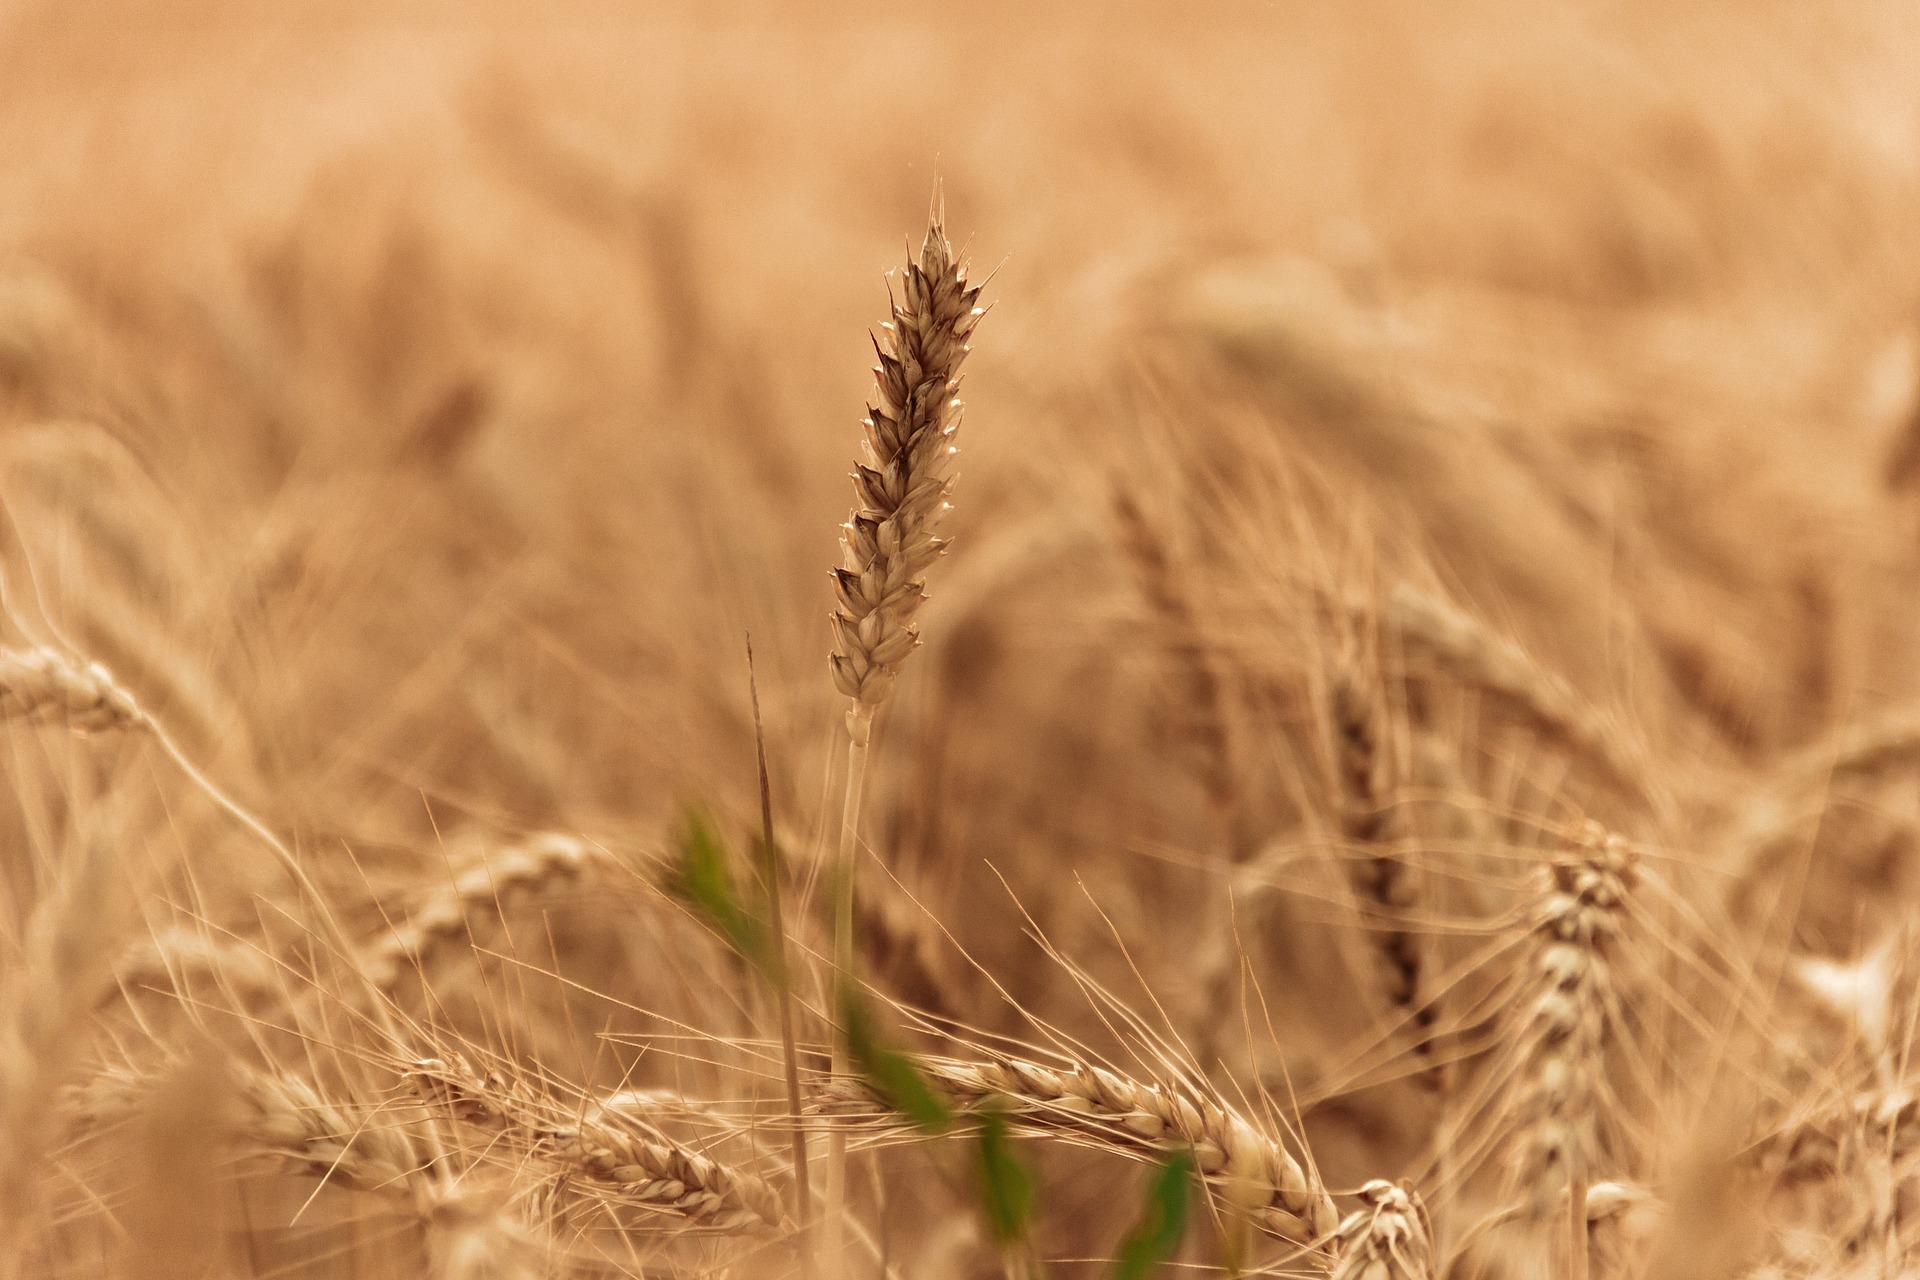 wheat-field-1205606_1920